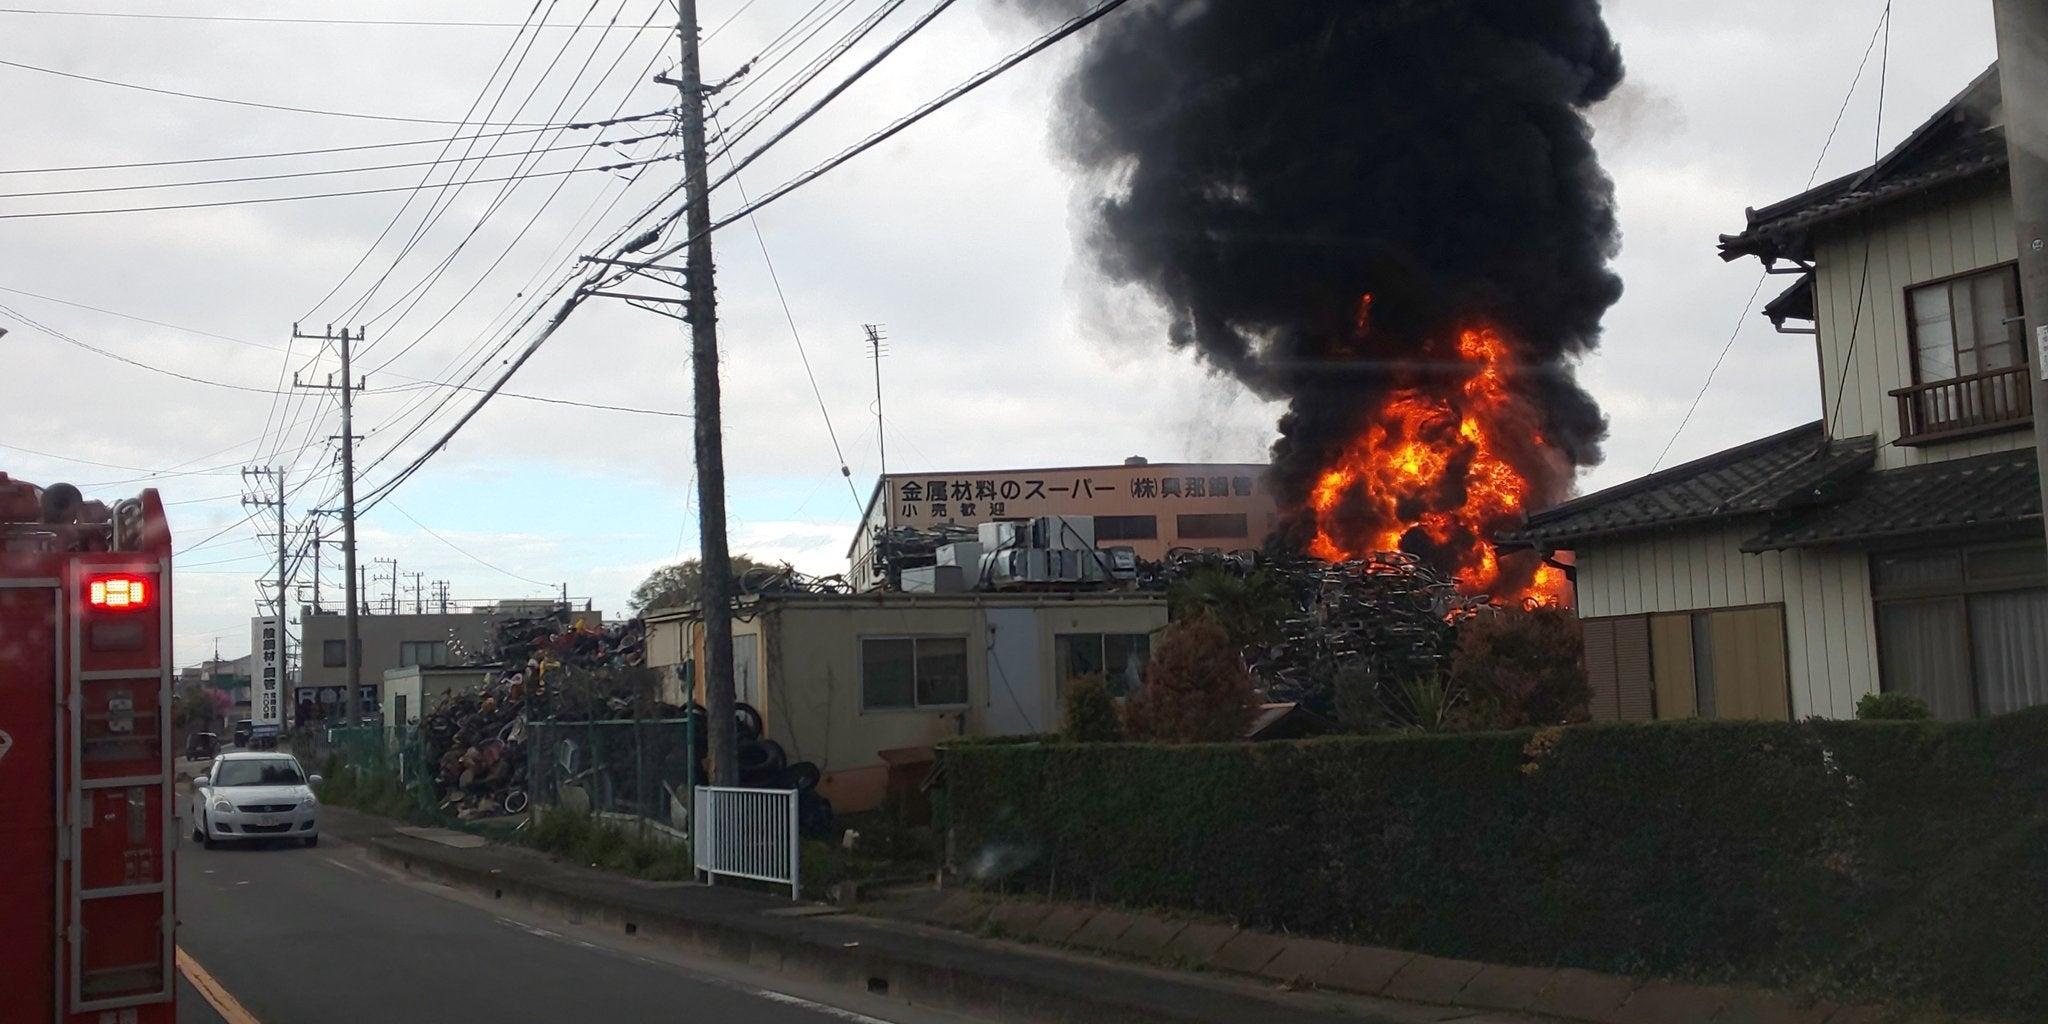 ▼唸声火災現場のストリートビュー/さいたま市岩槻区、自転車の山が燃える・・・